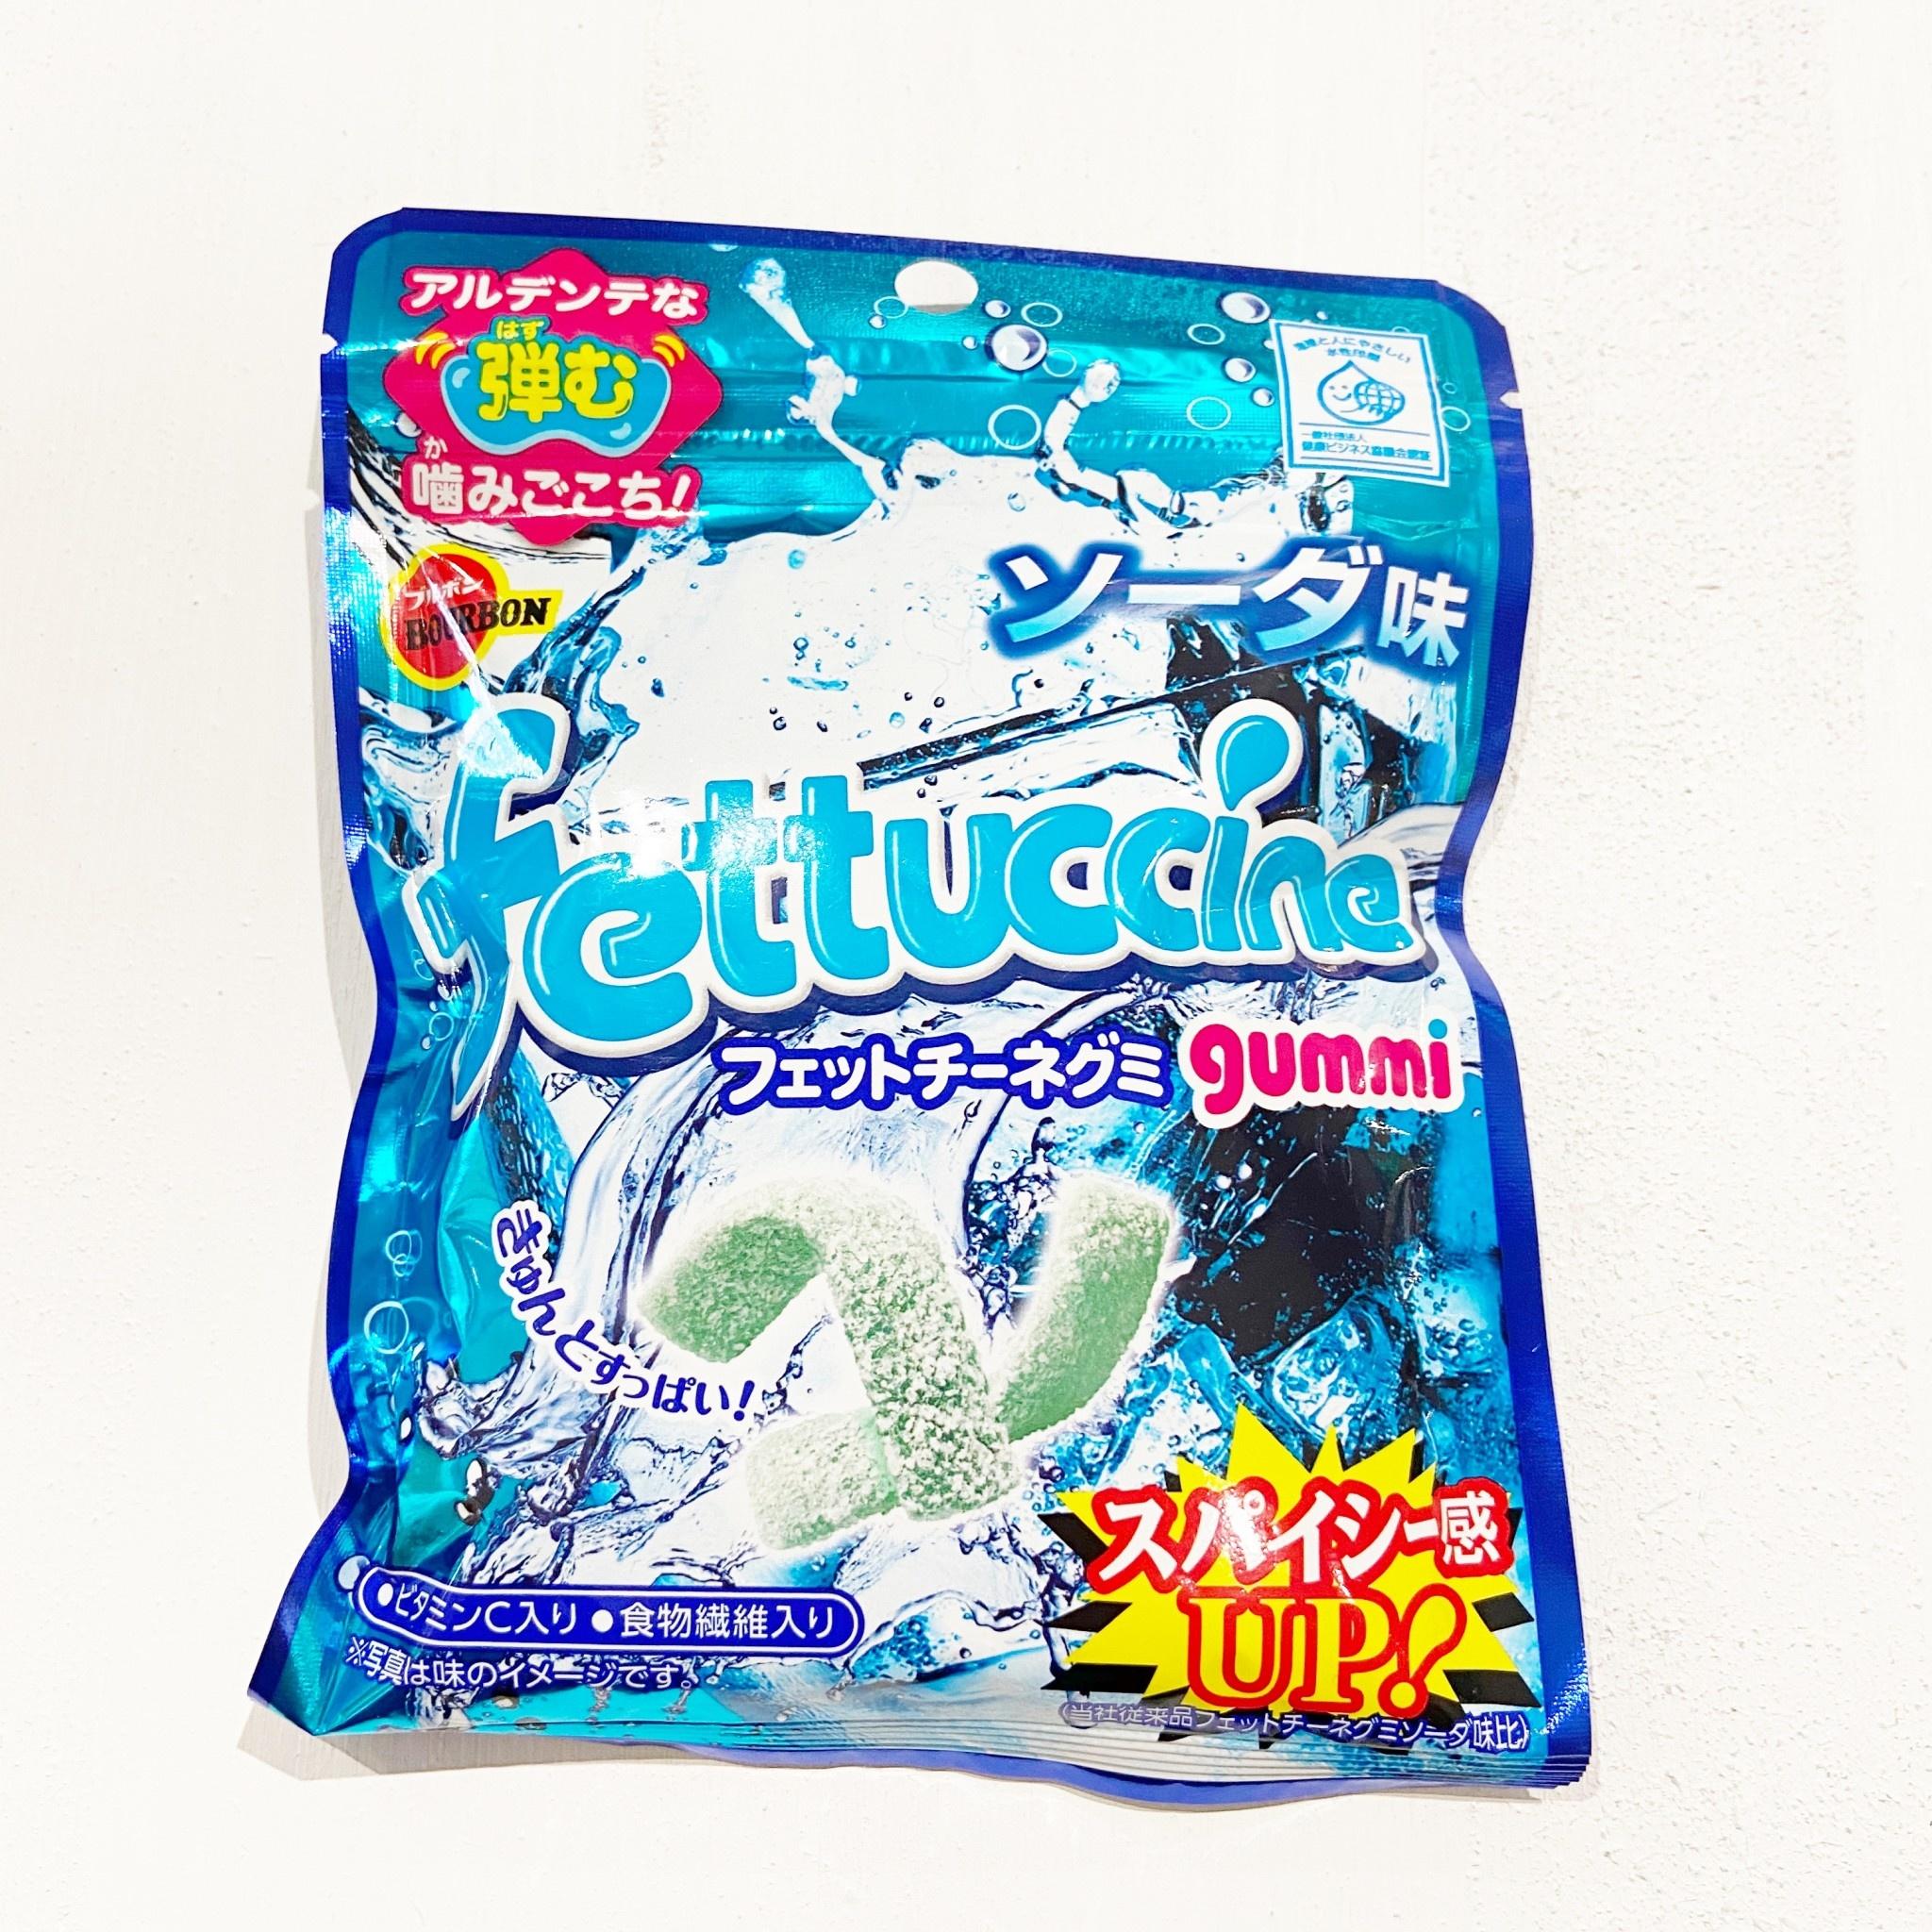 BOURBON Fettuccine Soda Gummy Candy